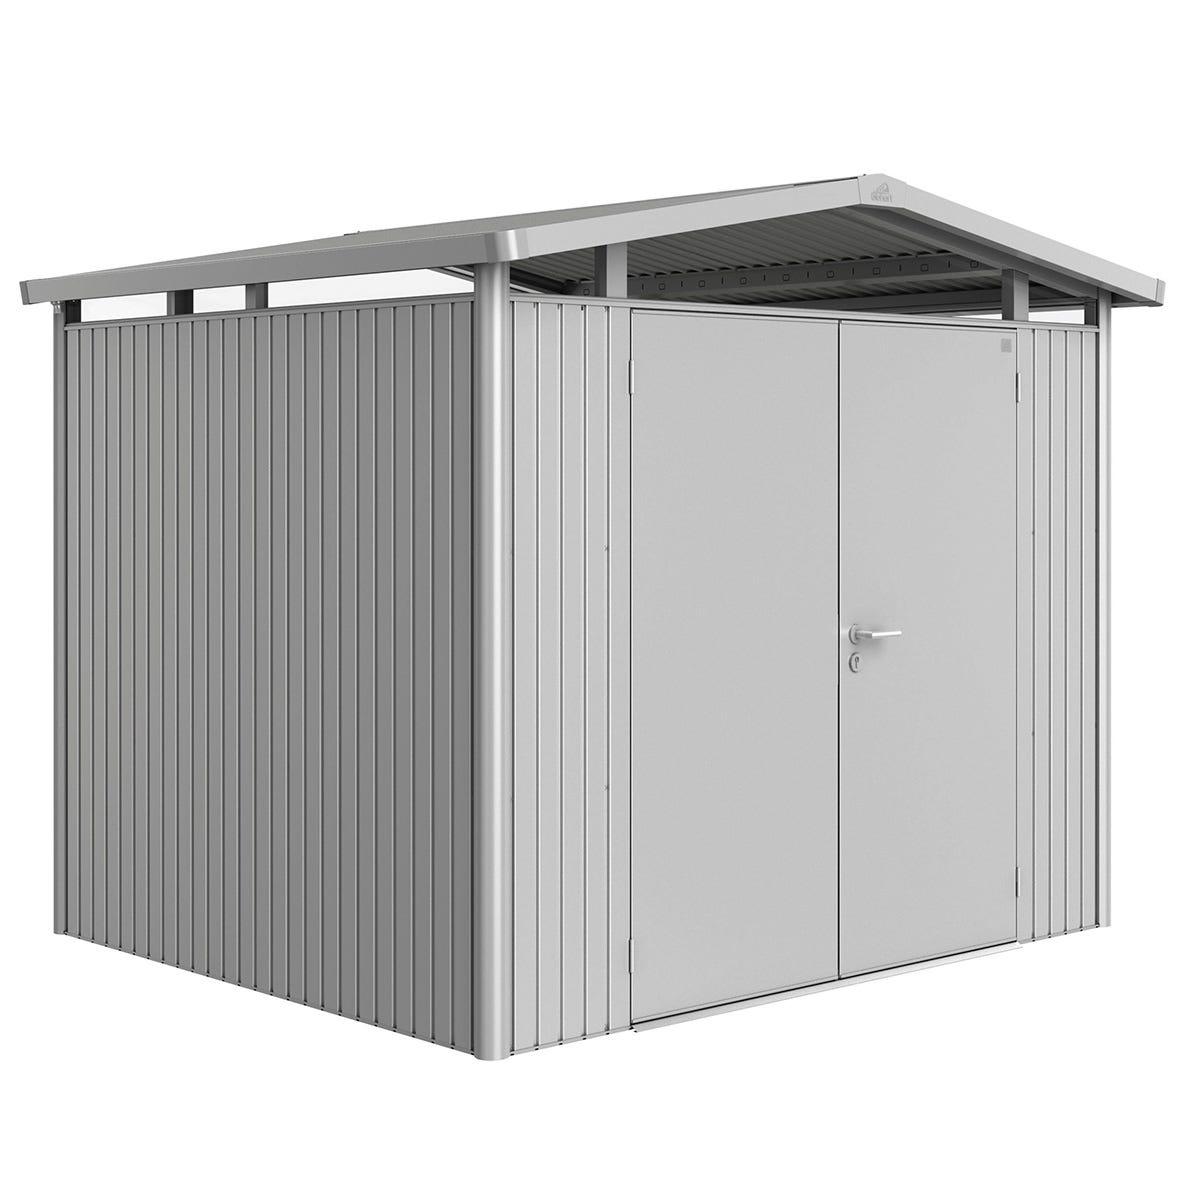 Biohort Panorama Metal Shed P3 Double Door 9' x 7' 8'' - Metallic Silver